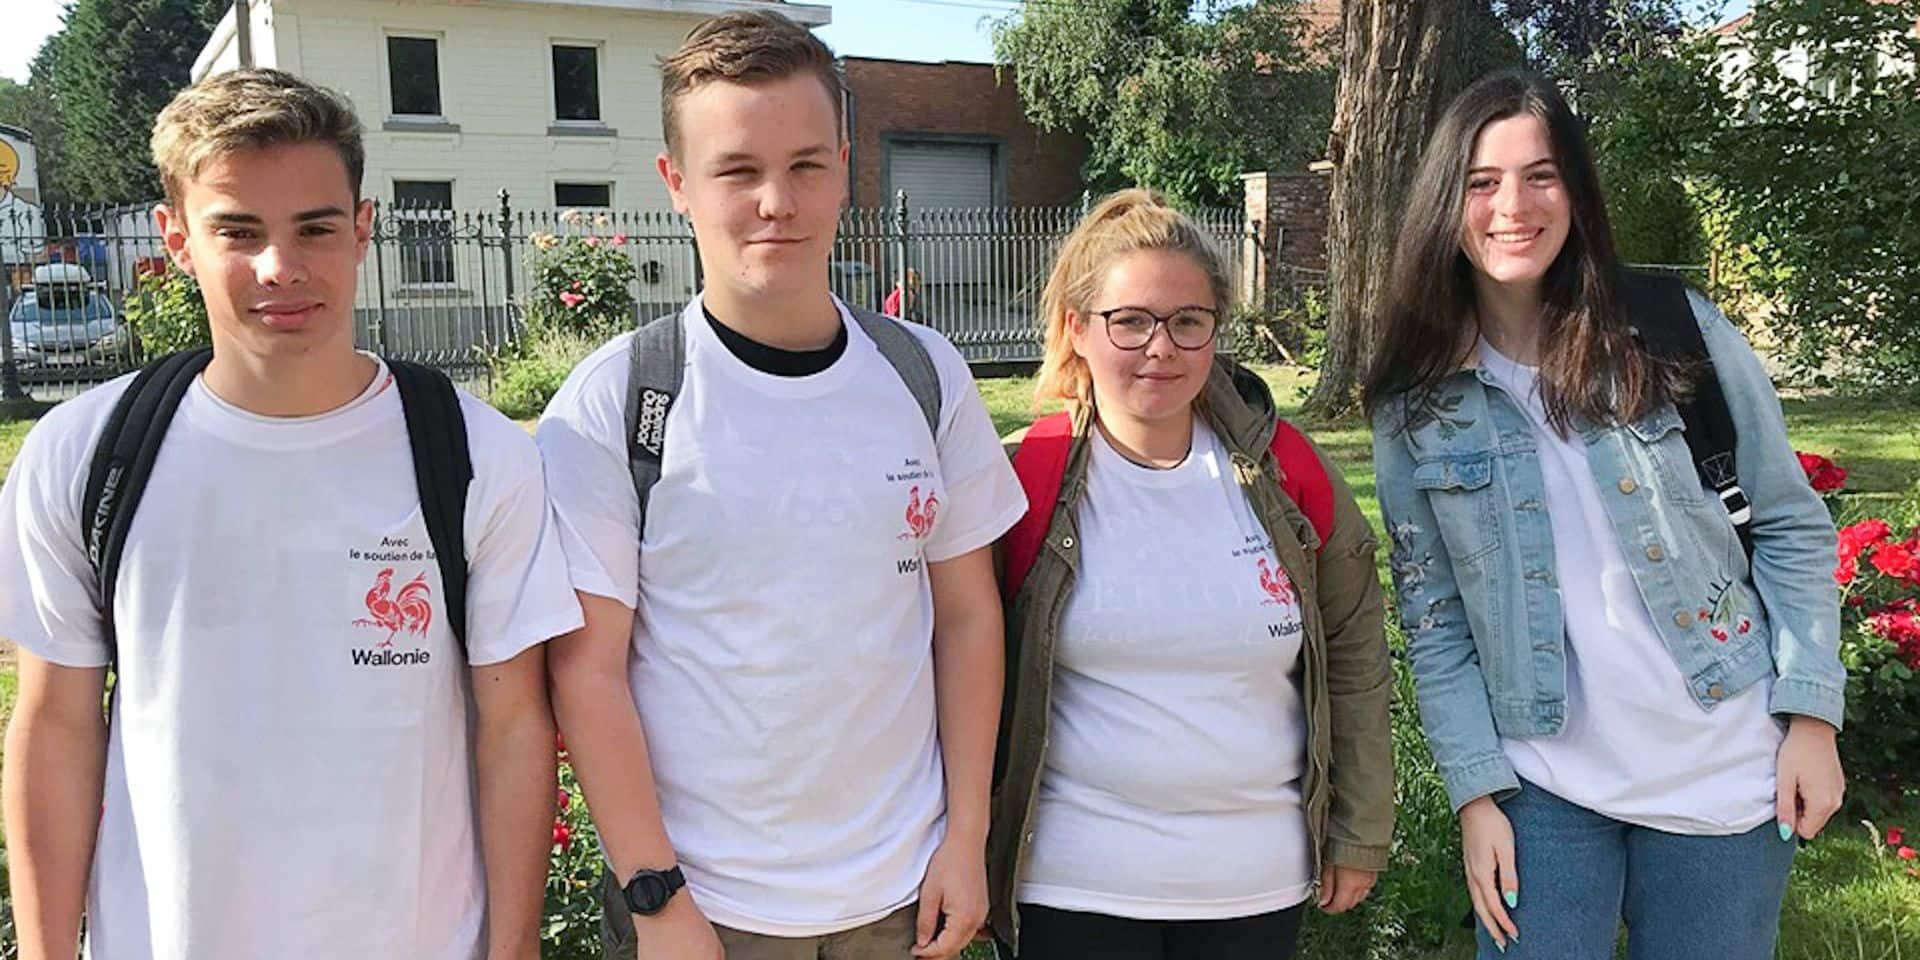 Eté solidaire à Silly: bravo les jeunes!